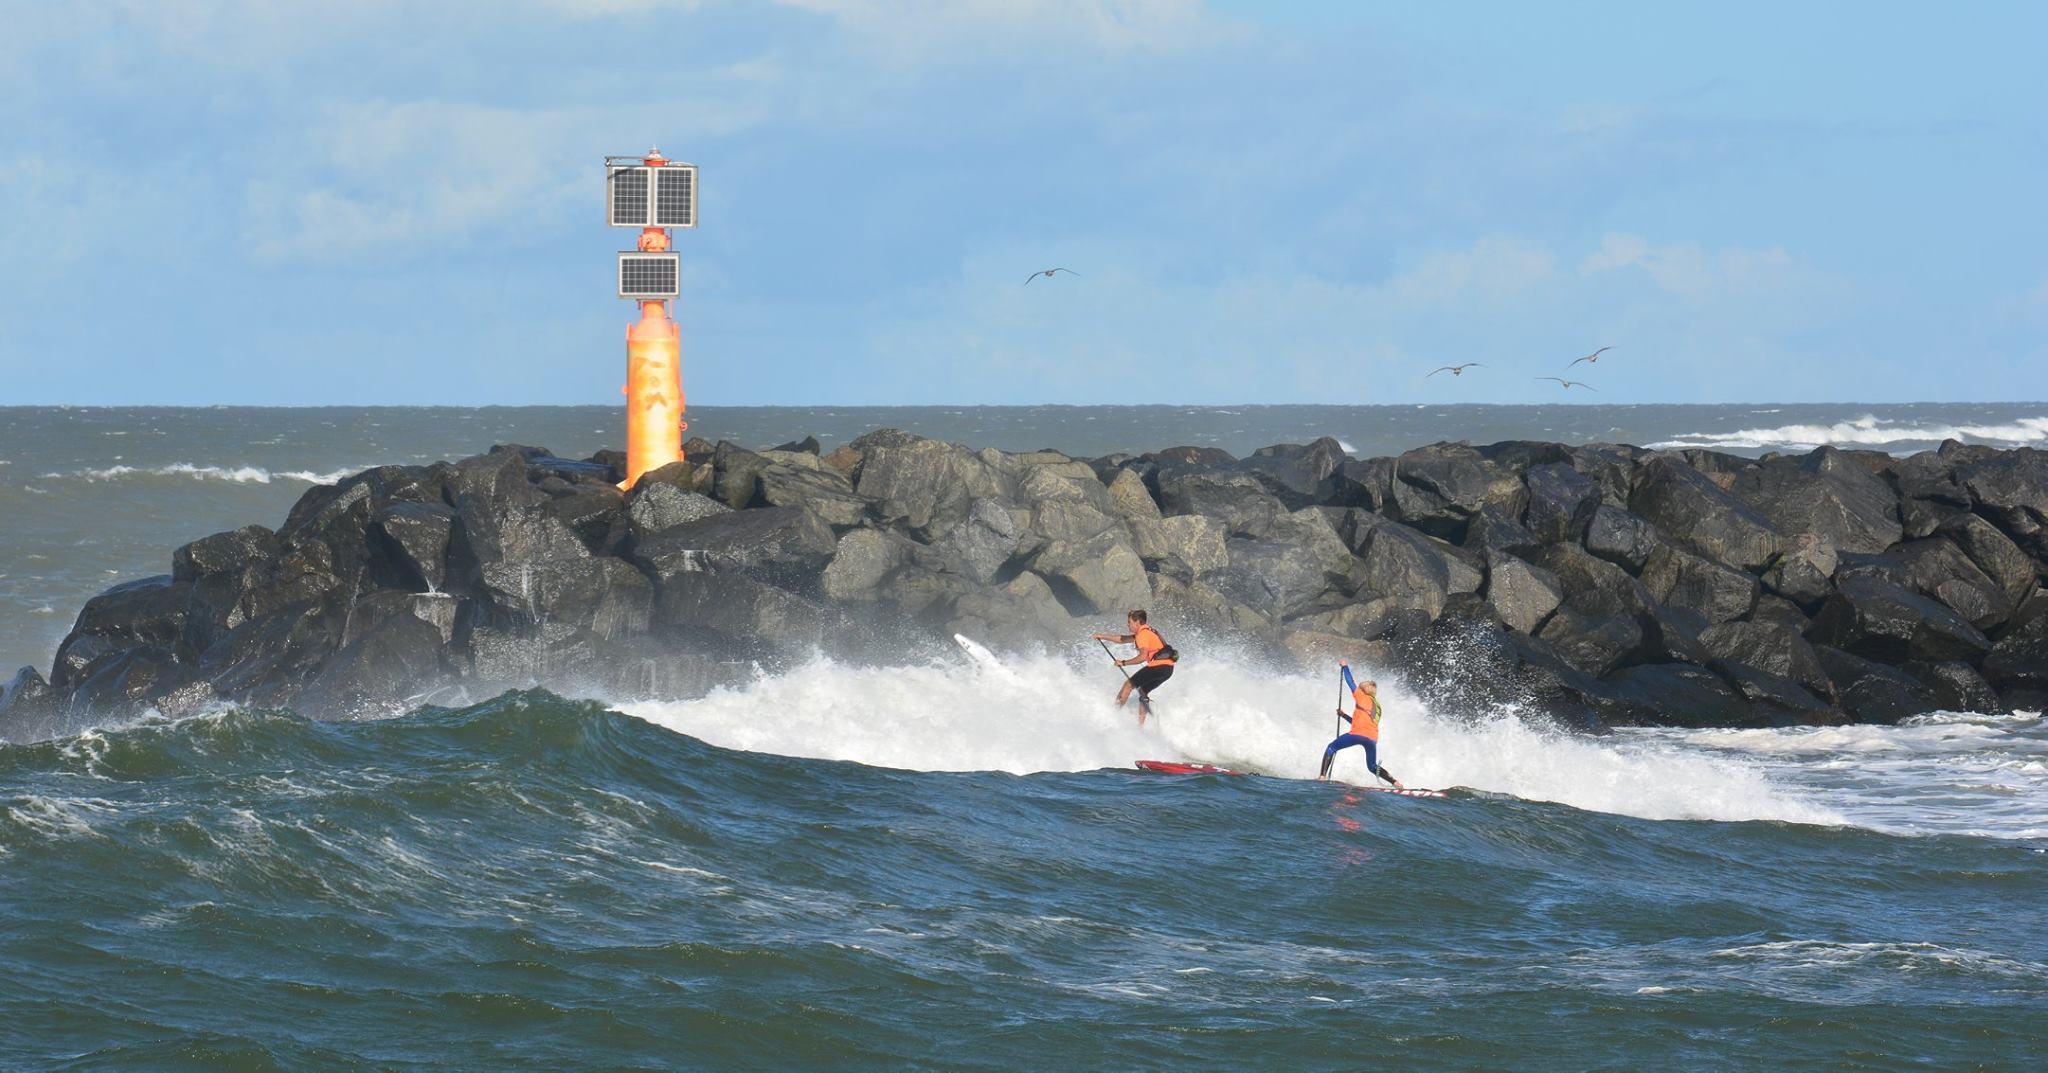 Billede fra søndagens WaterZ SUP Race, hvor vejr forholdende også var til at føle på. /Foto: Kristian Rønn Lauritsen